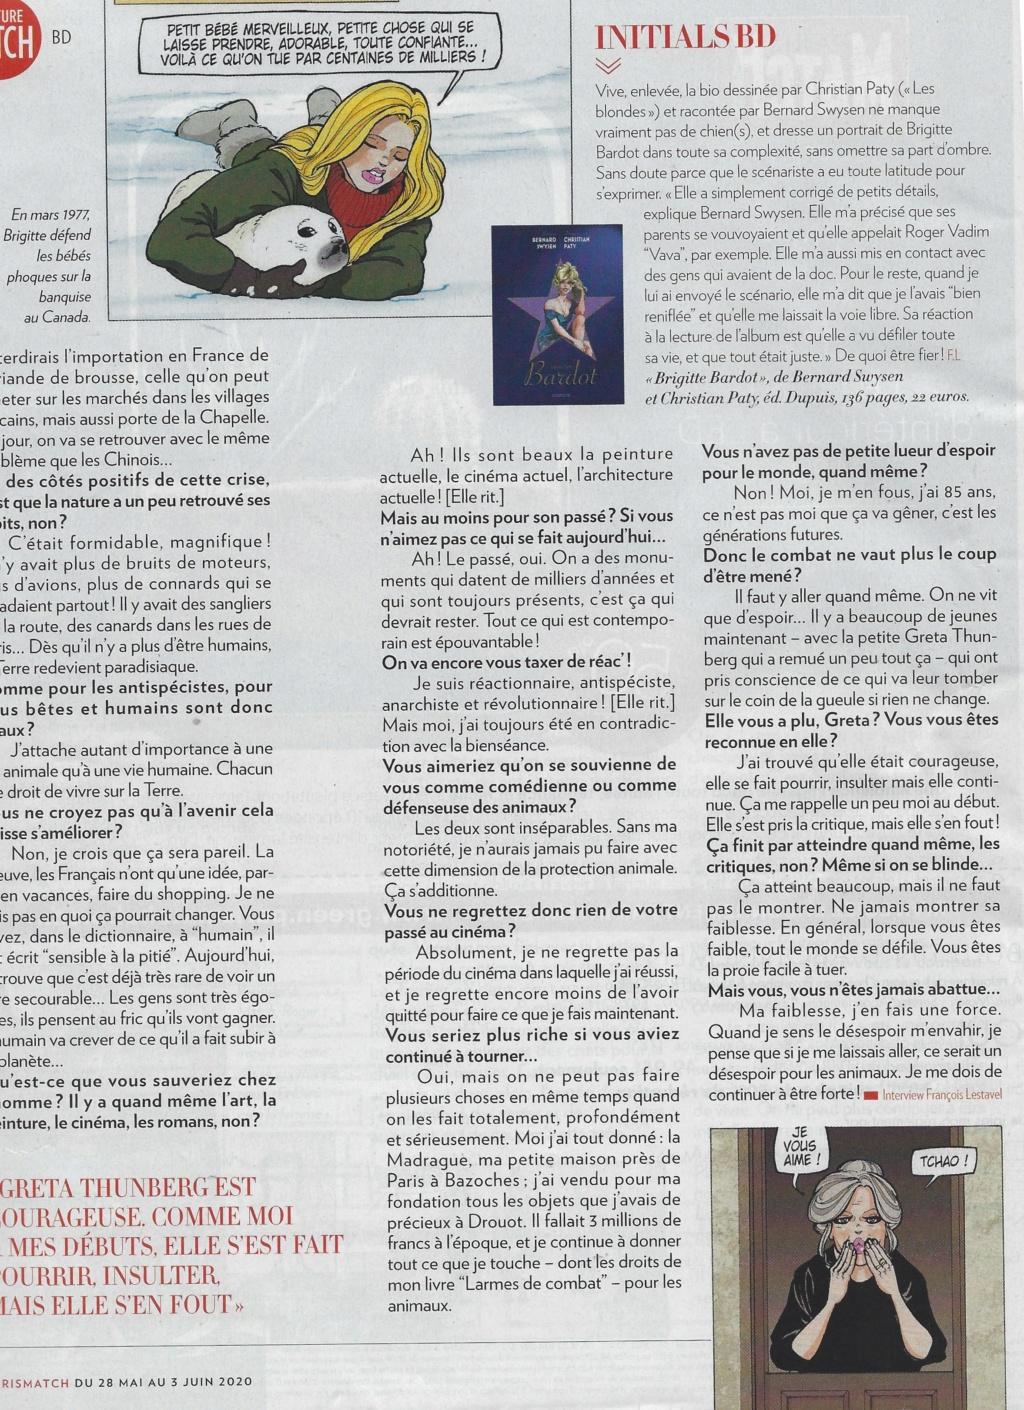 Interview BB Paris-Match du 28/05 au 03/06 Bb_par10